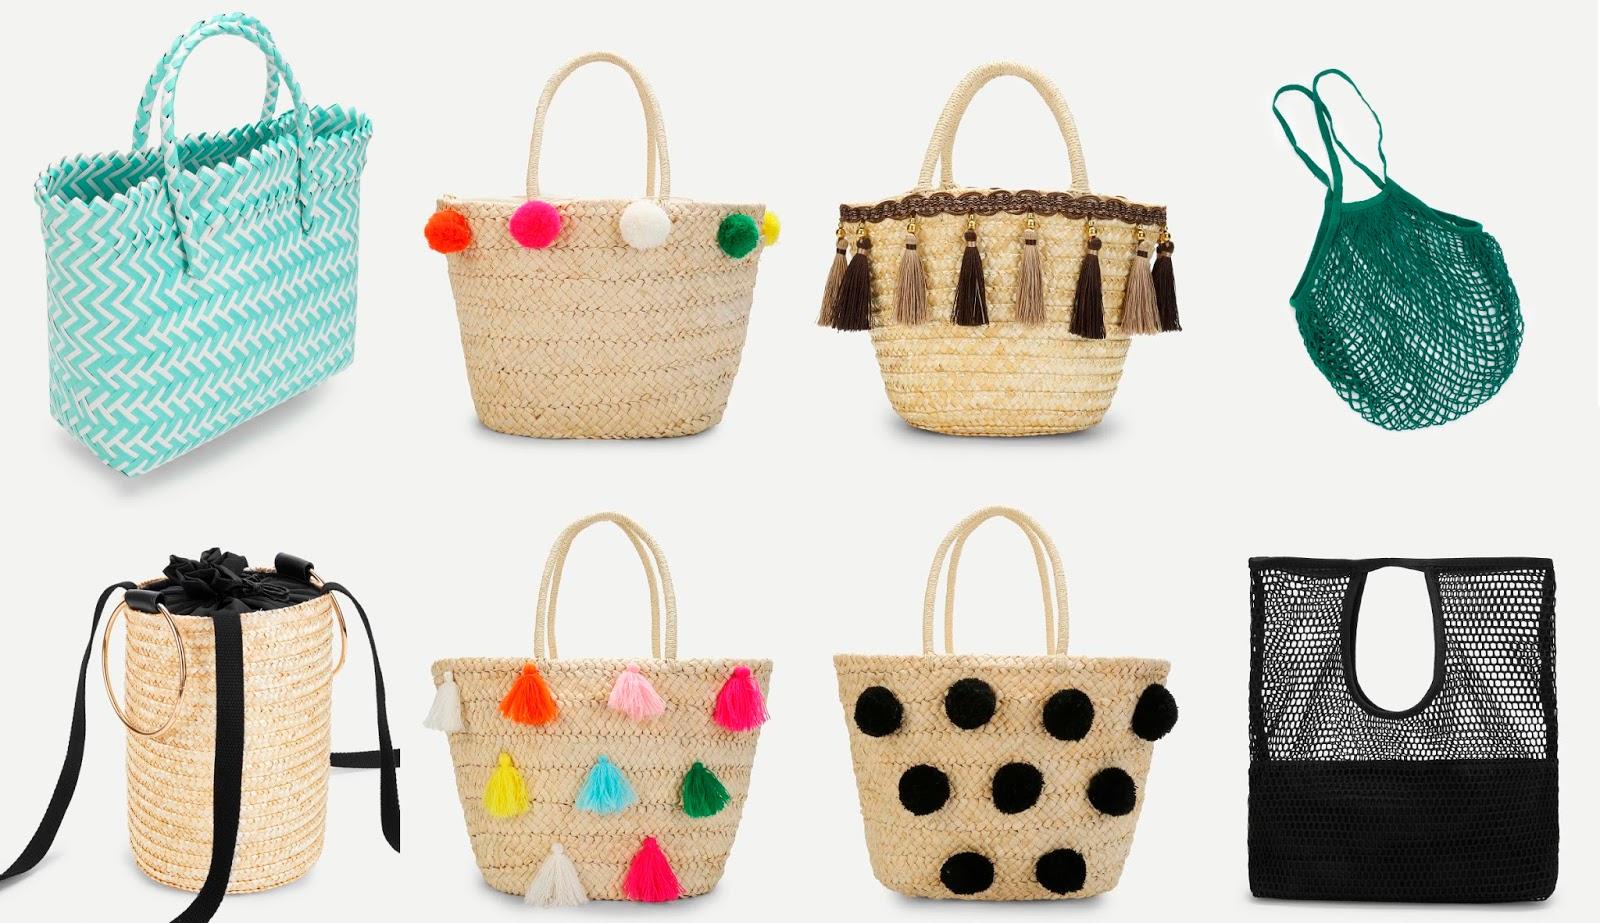 5049c408b88d Самые модные соломенные сумки сезона весна - лето 2018. | INPOISON